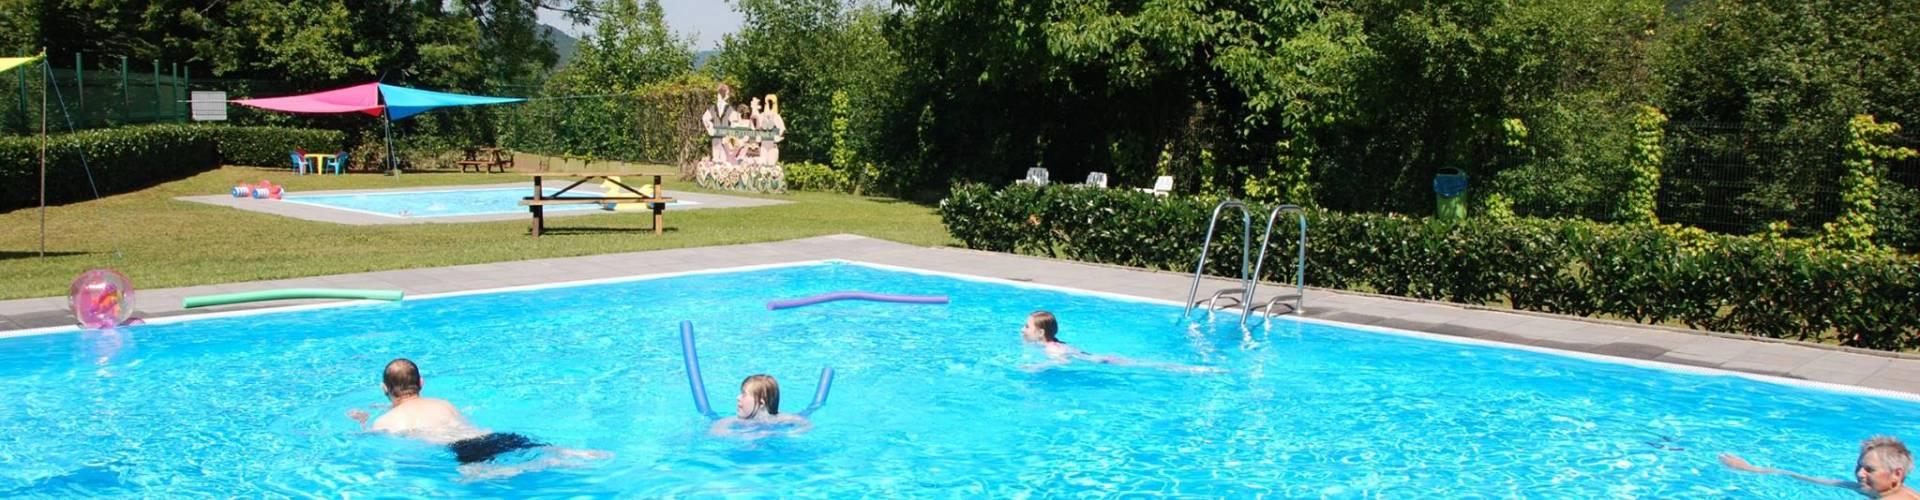 piscine camping officiel echternach